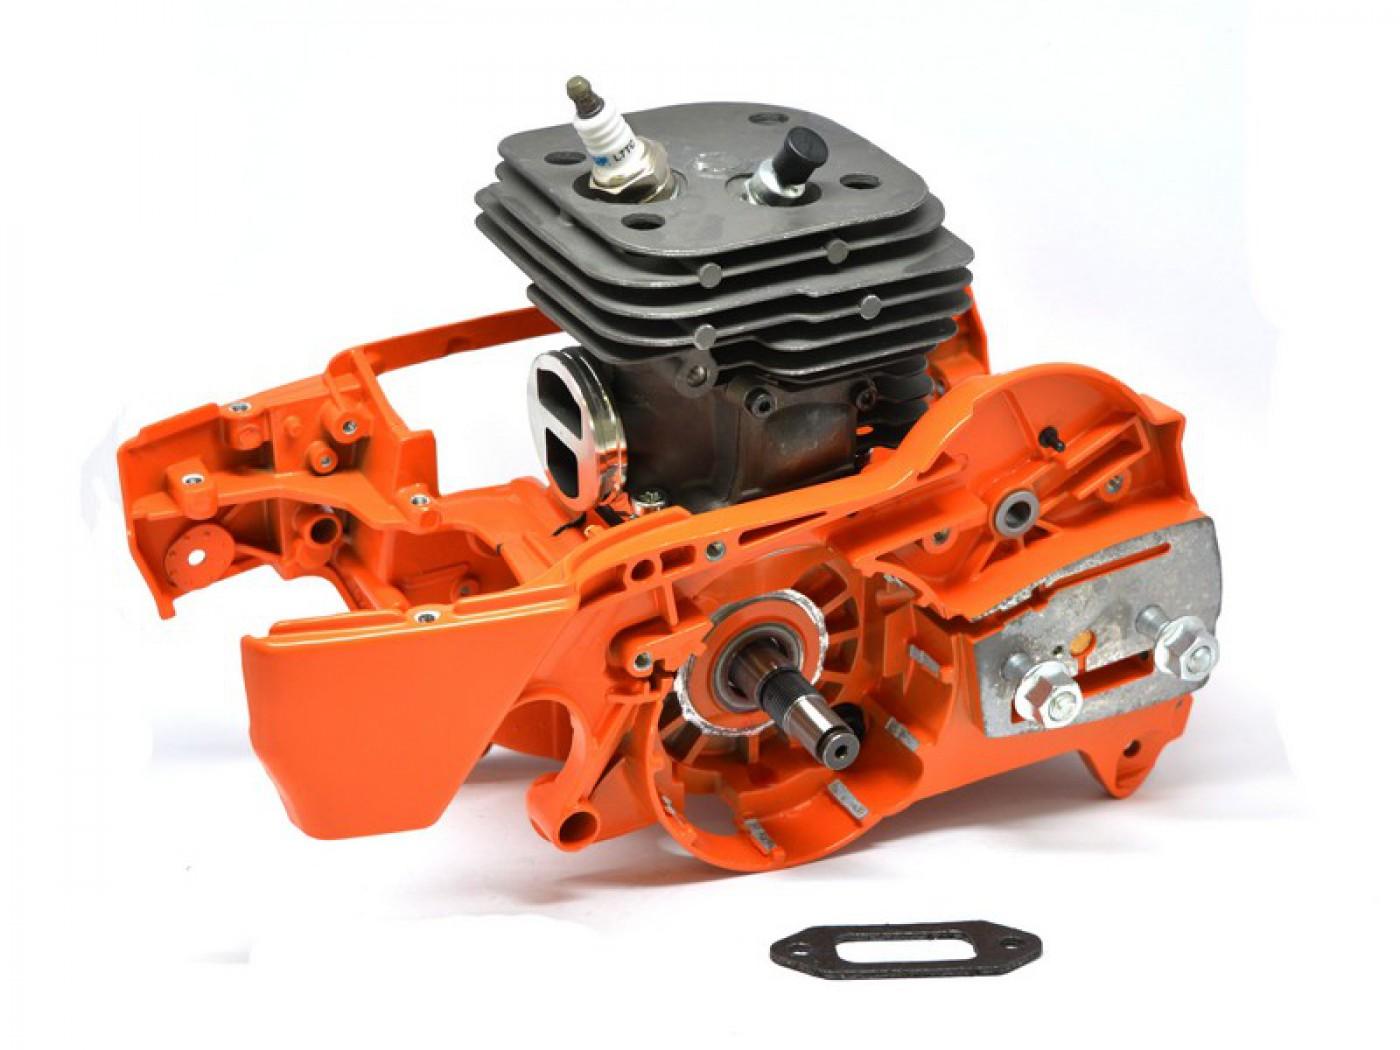 Kompletní motor Husqvarna 365 x-torq 372 xp x-torq SUPER AKCE sleva 1590 Kč